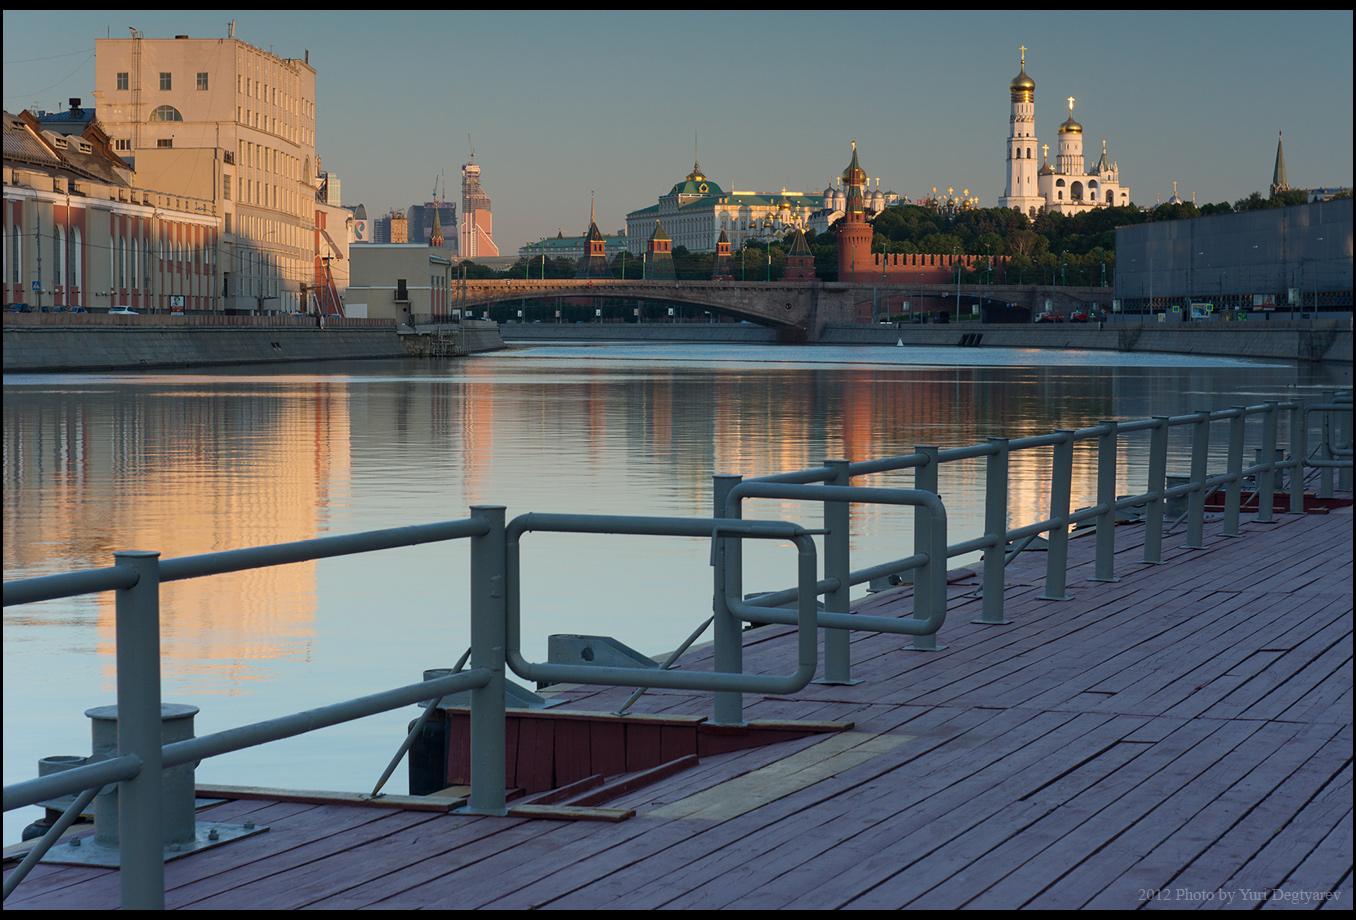 Фото причала у Большого Устьинского моста в Москве